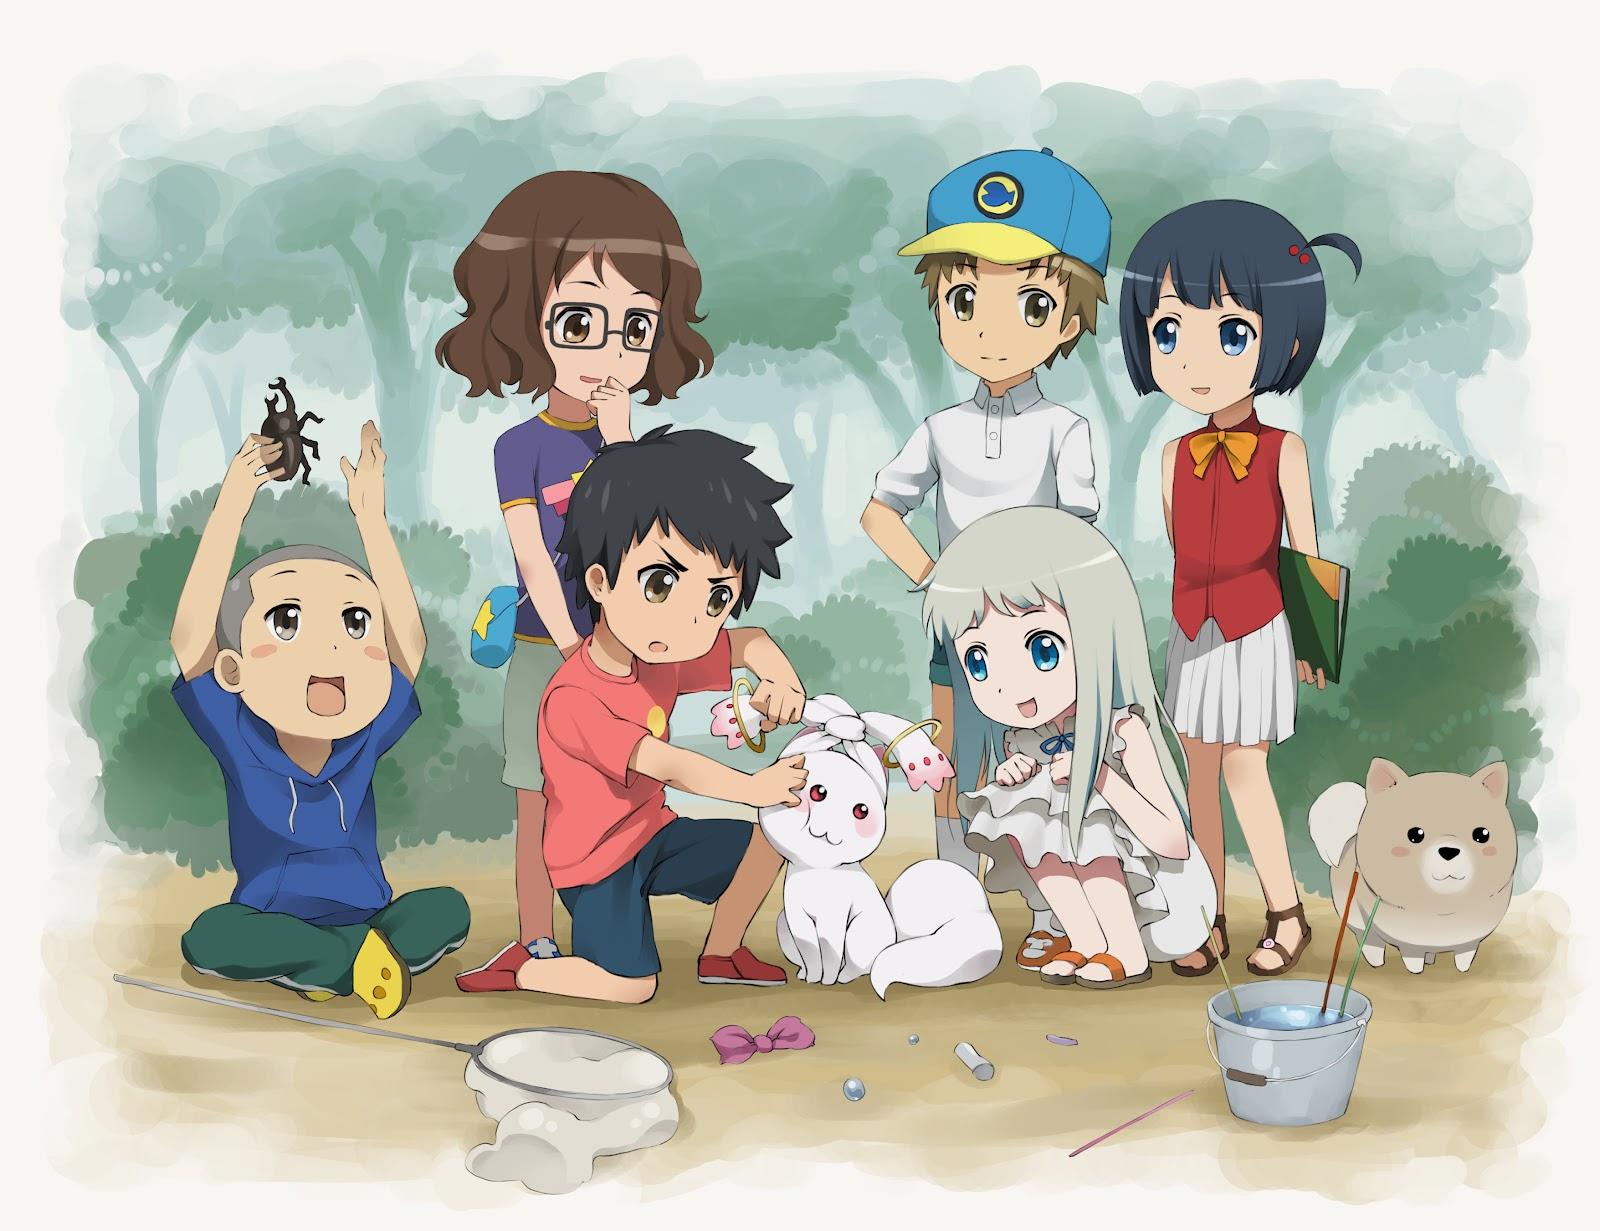 Encuesta De Los Animes Que Recomendarias A La Gente Que Piensa Que Son Caricaturas Para Niños